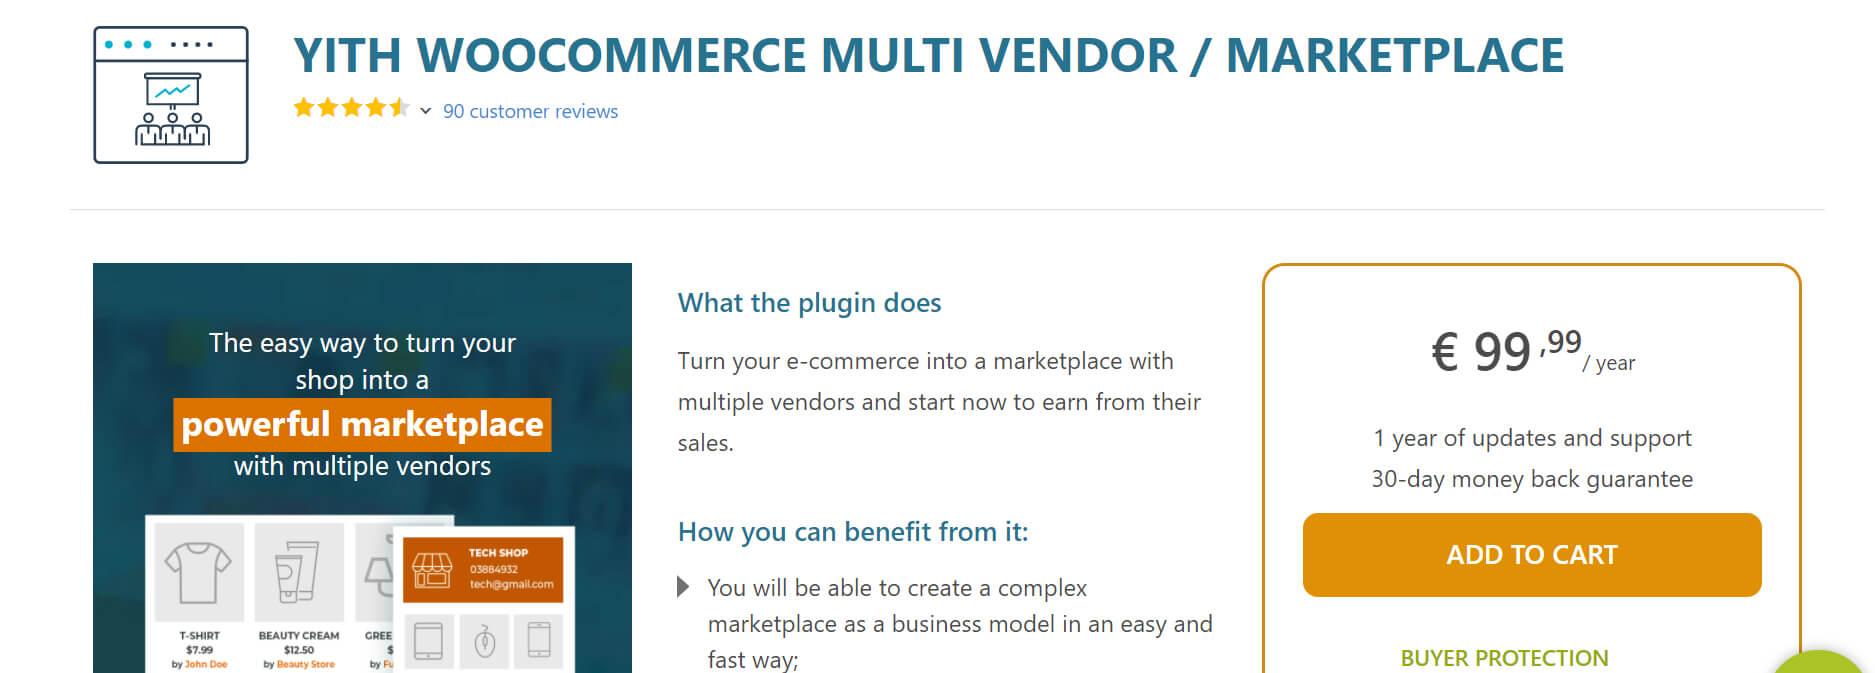 YITH WooCommerce Multi Vendor Marketplace